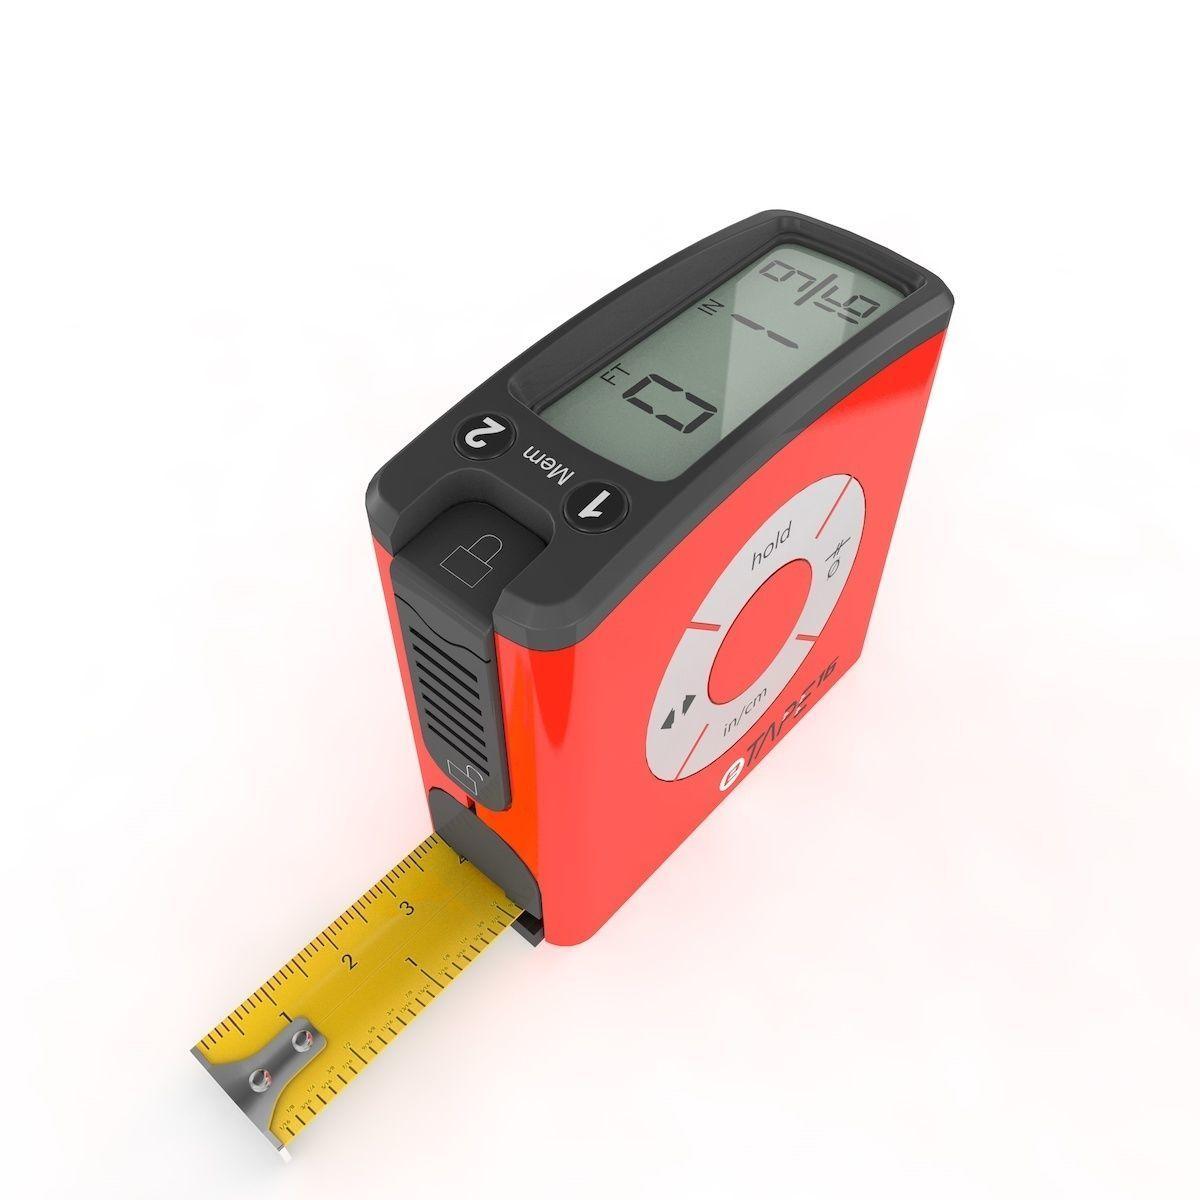 Digital Tape Measure Original Rigged